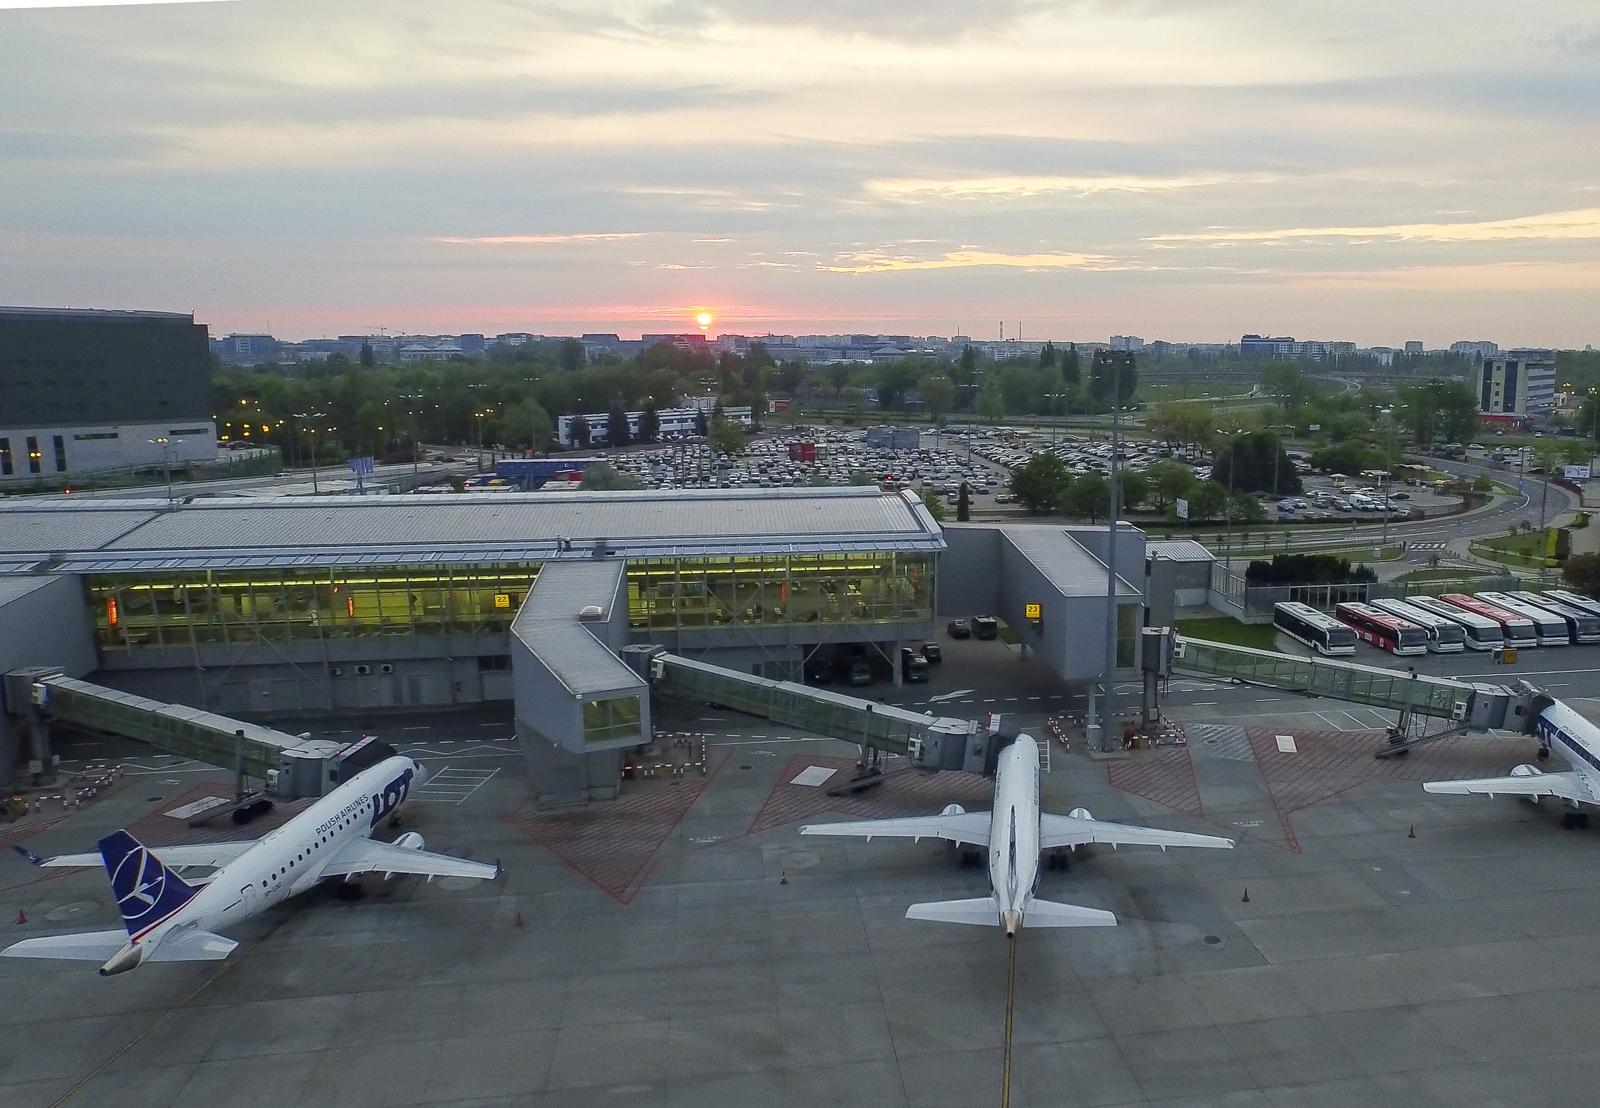 Wciąż mało pasażerów na Lotnisku Chopina